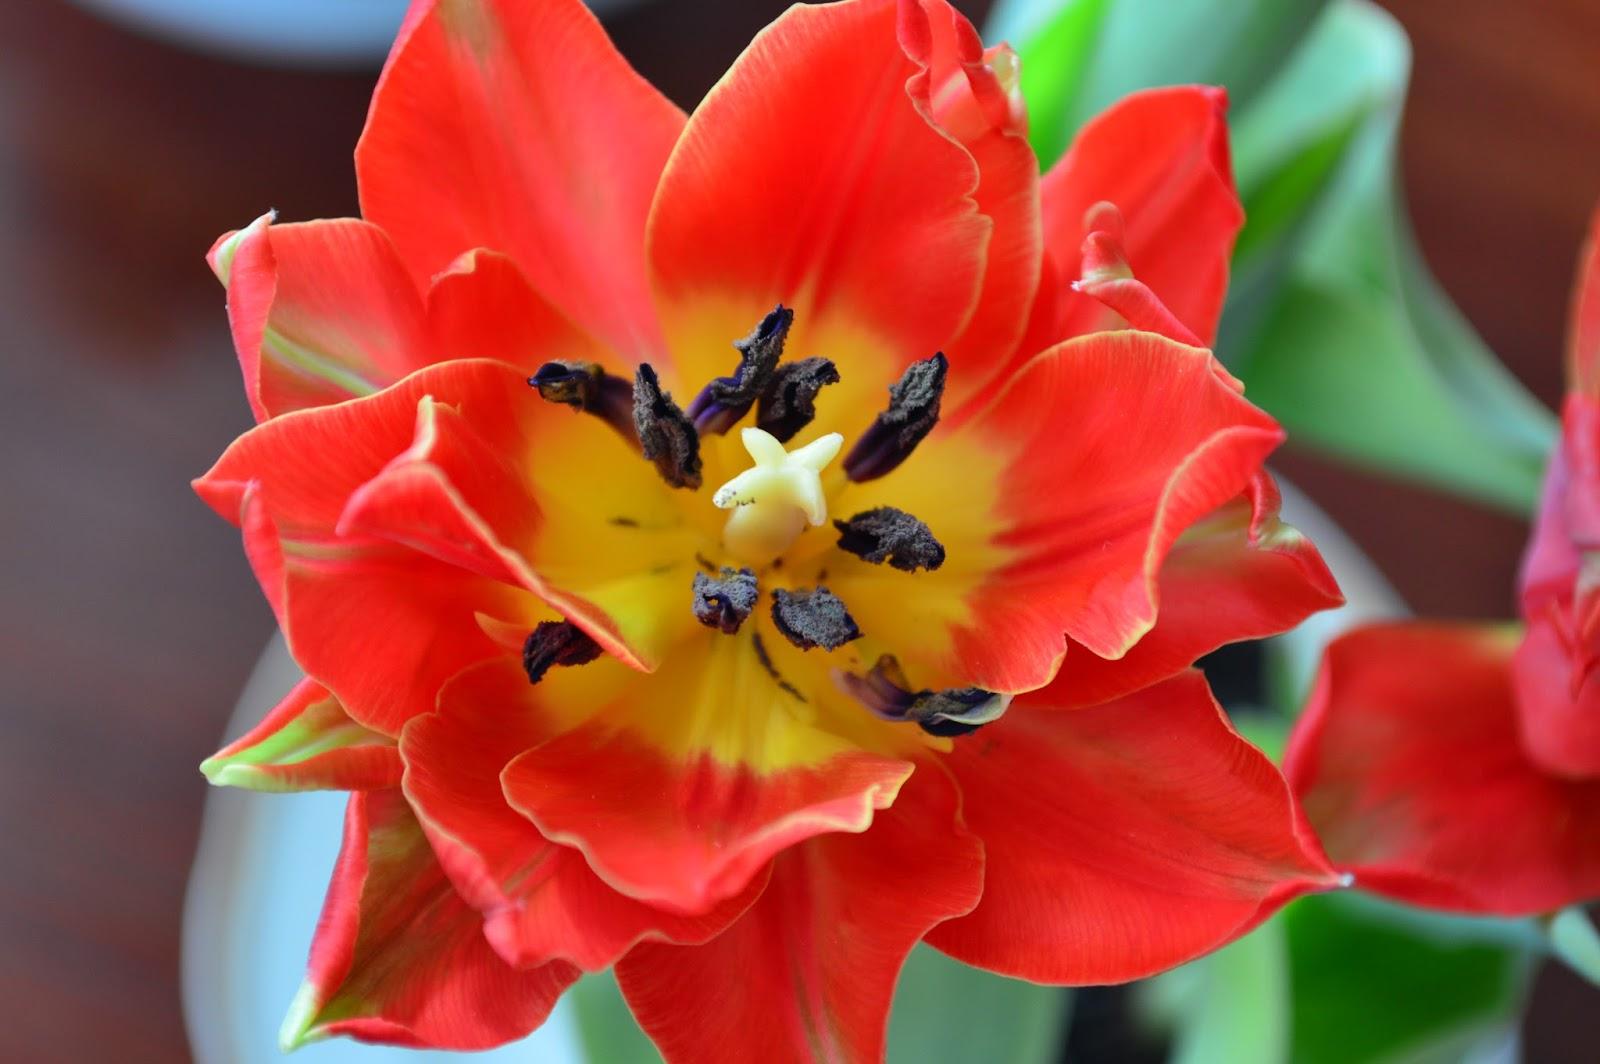 тюльпаны, красивые тюльпаны. цветы, цветочки, фото тюльпаны, киев